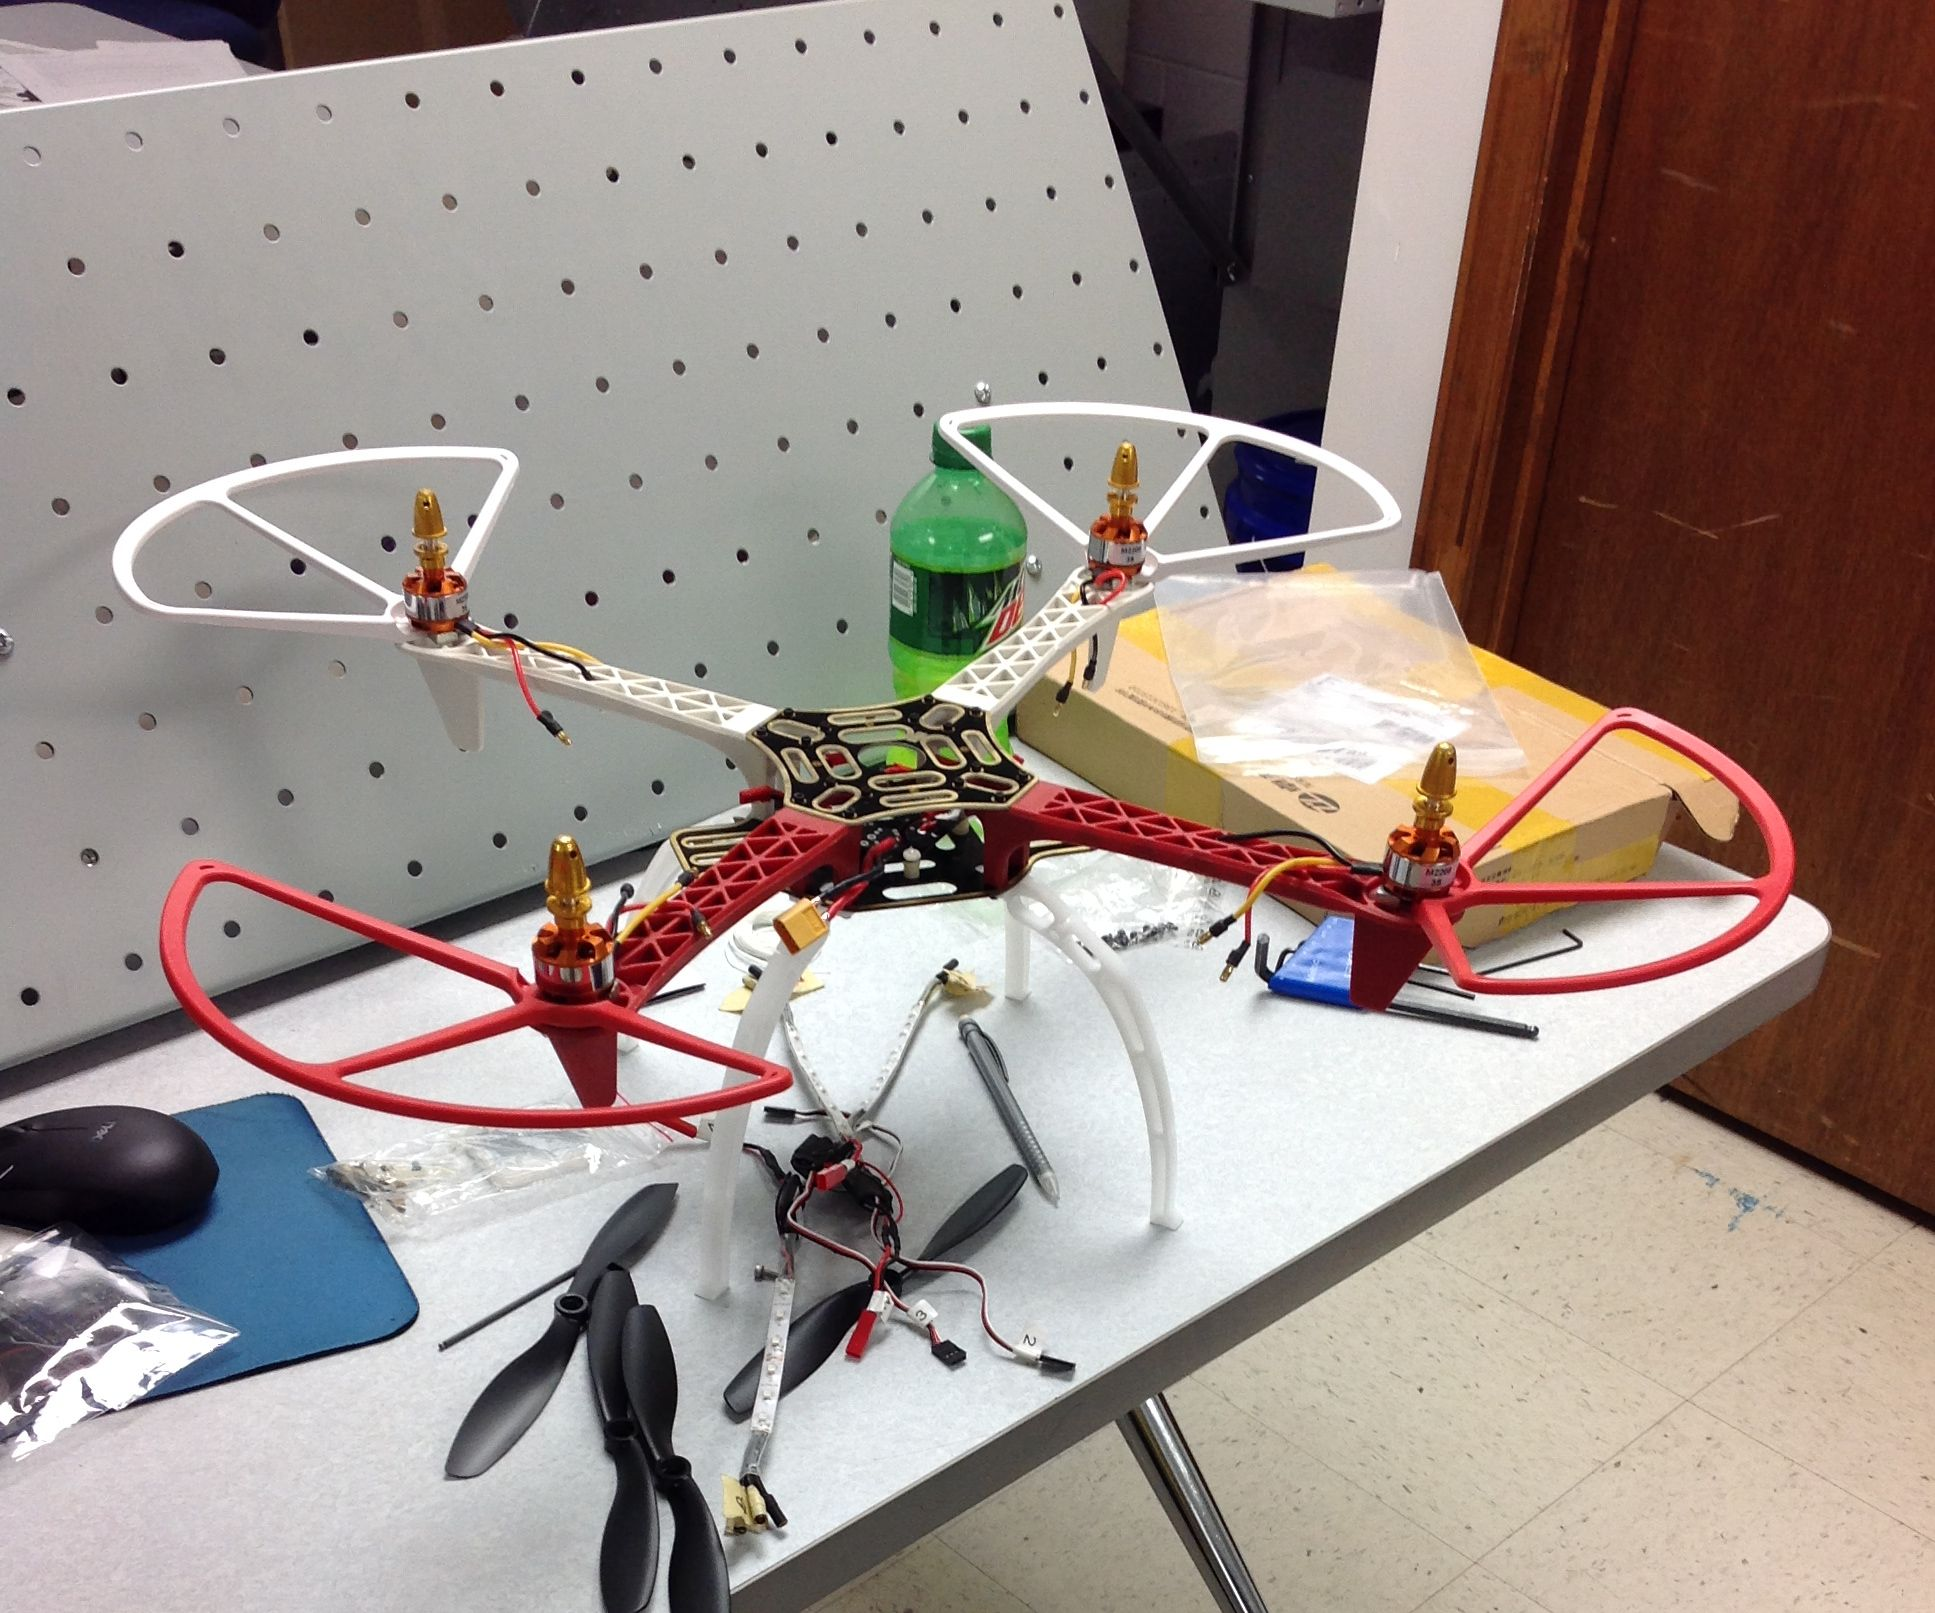 Quad Copter Rebuild - A Class Project